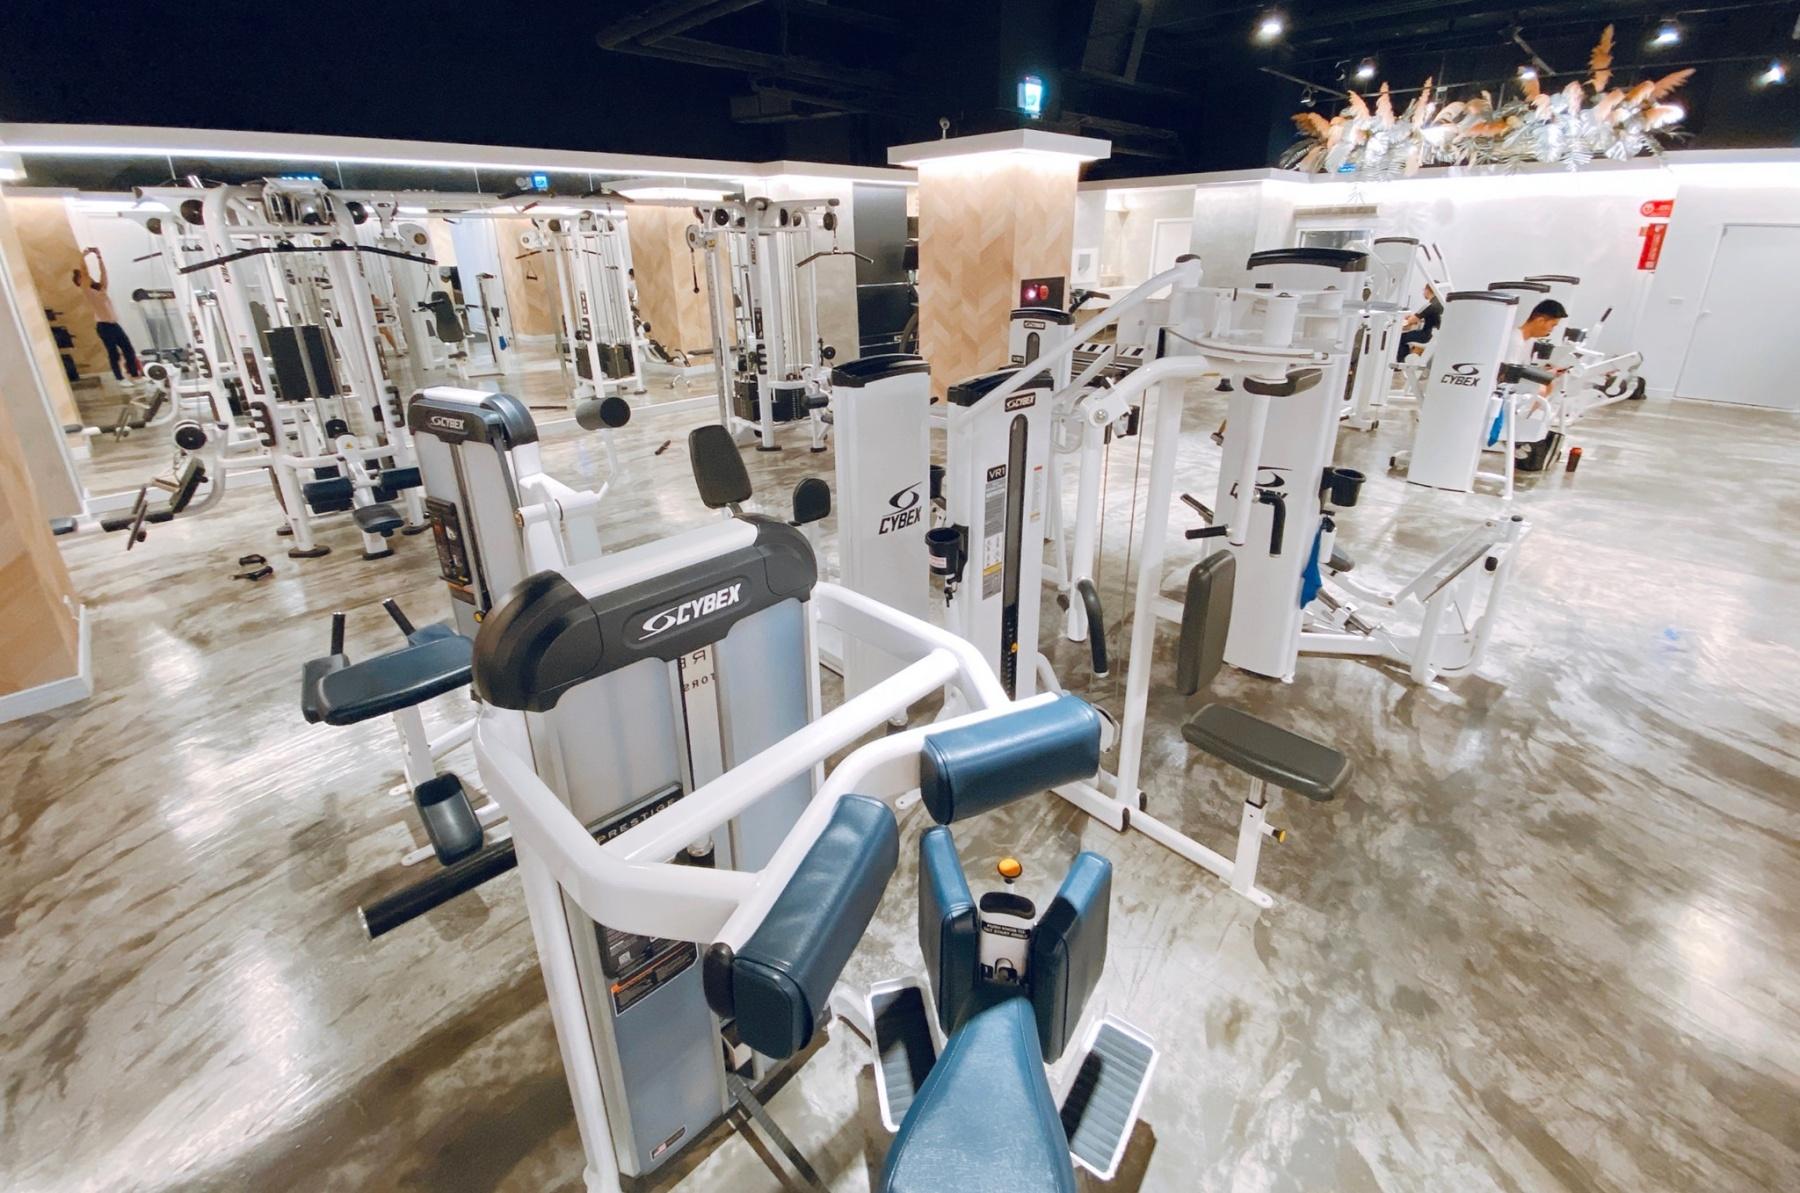 【騎士健身中心評價】APP訂閱制收費超彈性!優質三重健身訓練空間